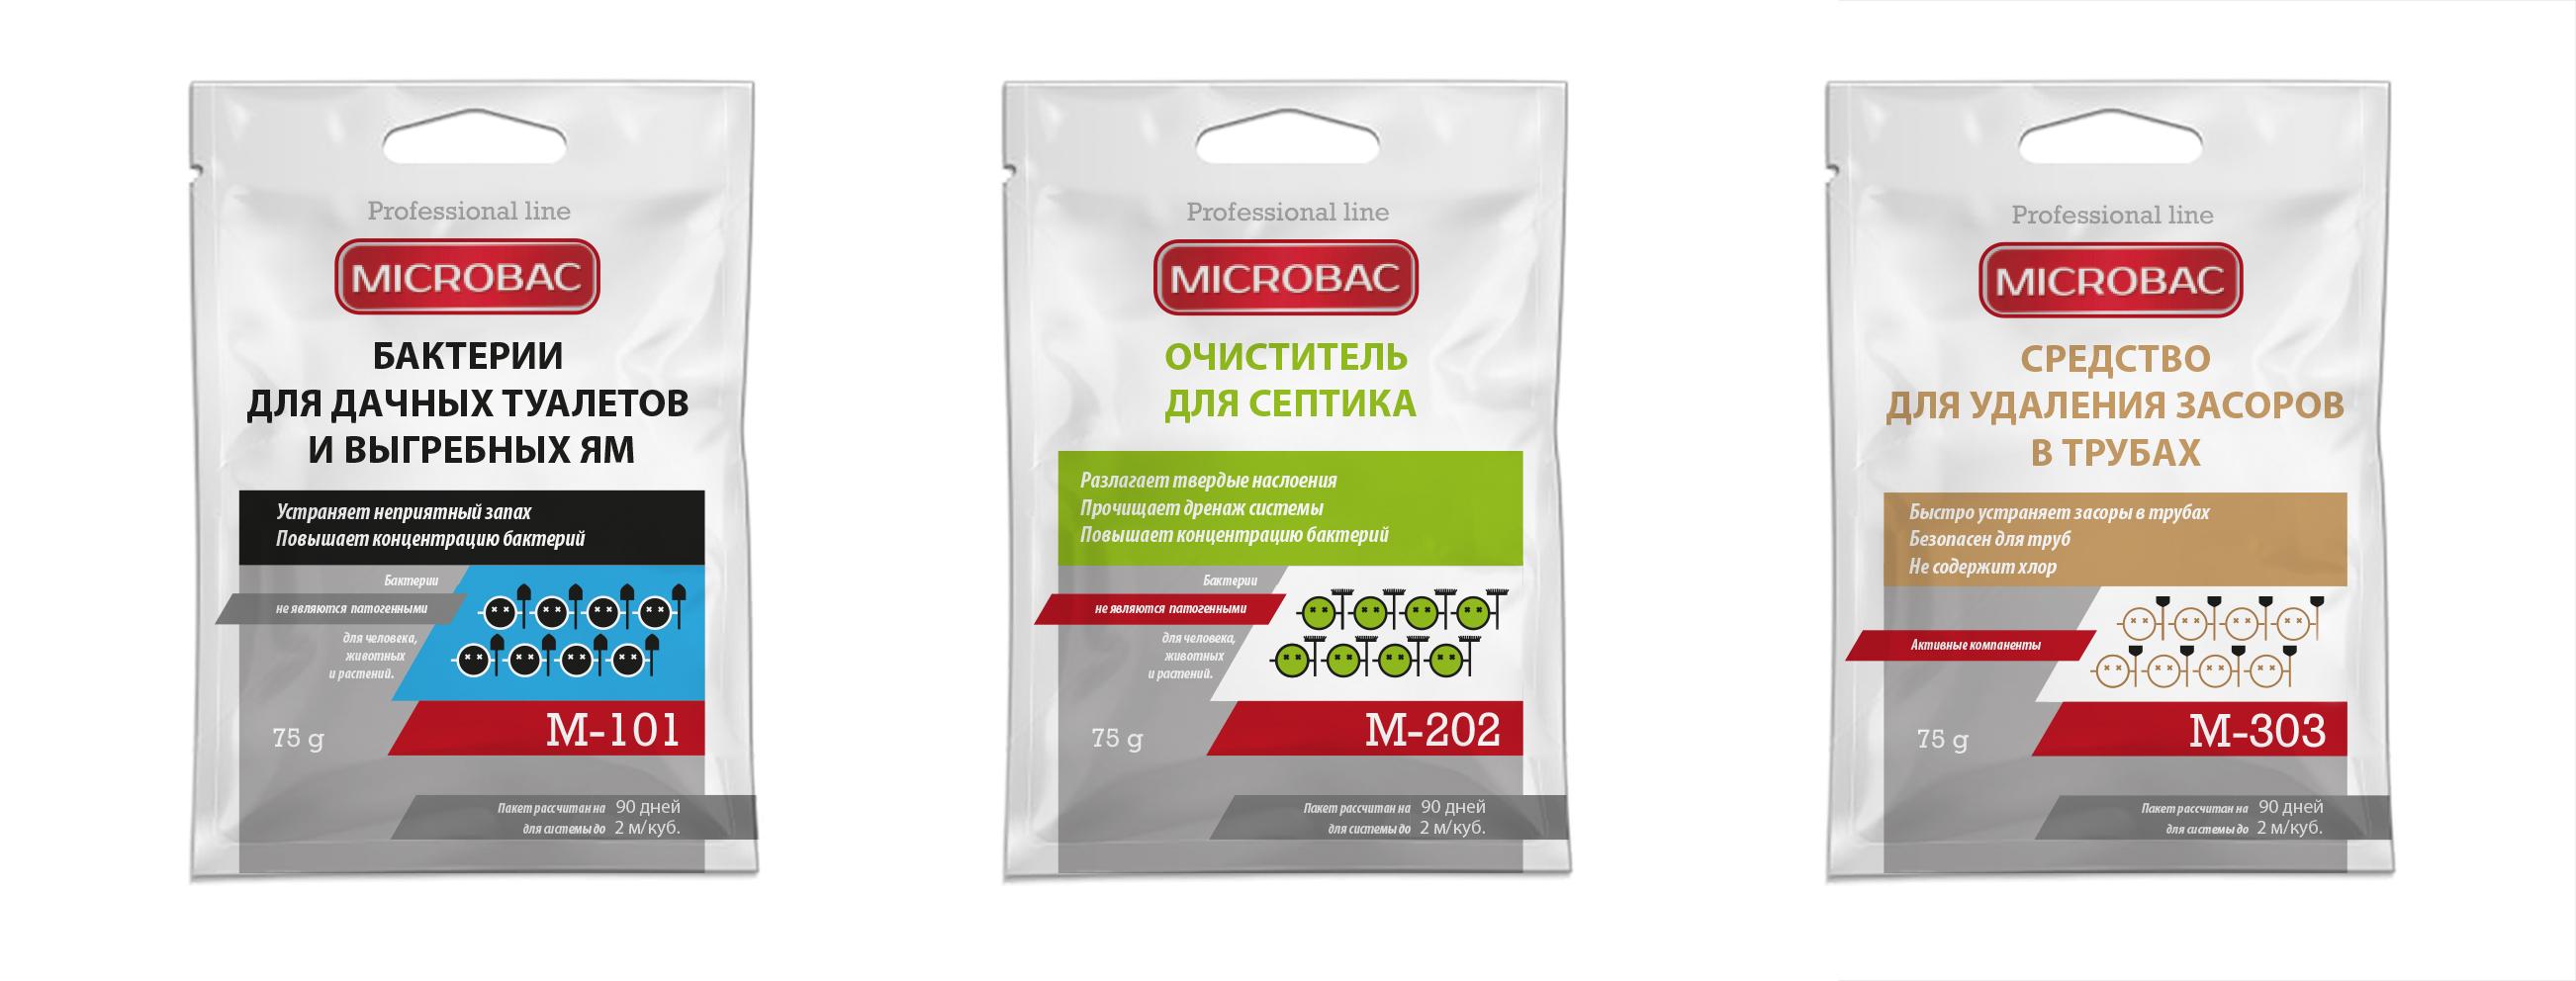 Дизайн упаковки упаковки товара фото f_7235a0b14b7de603.jpg